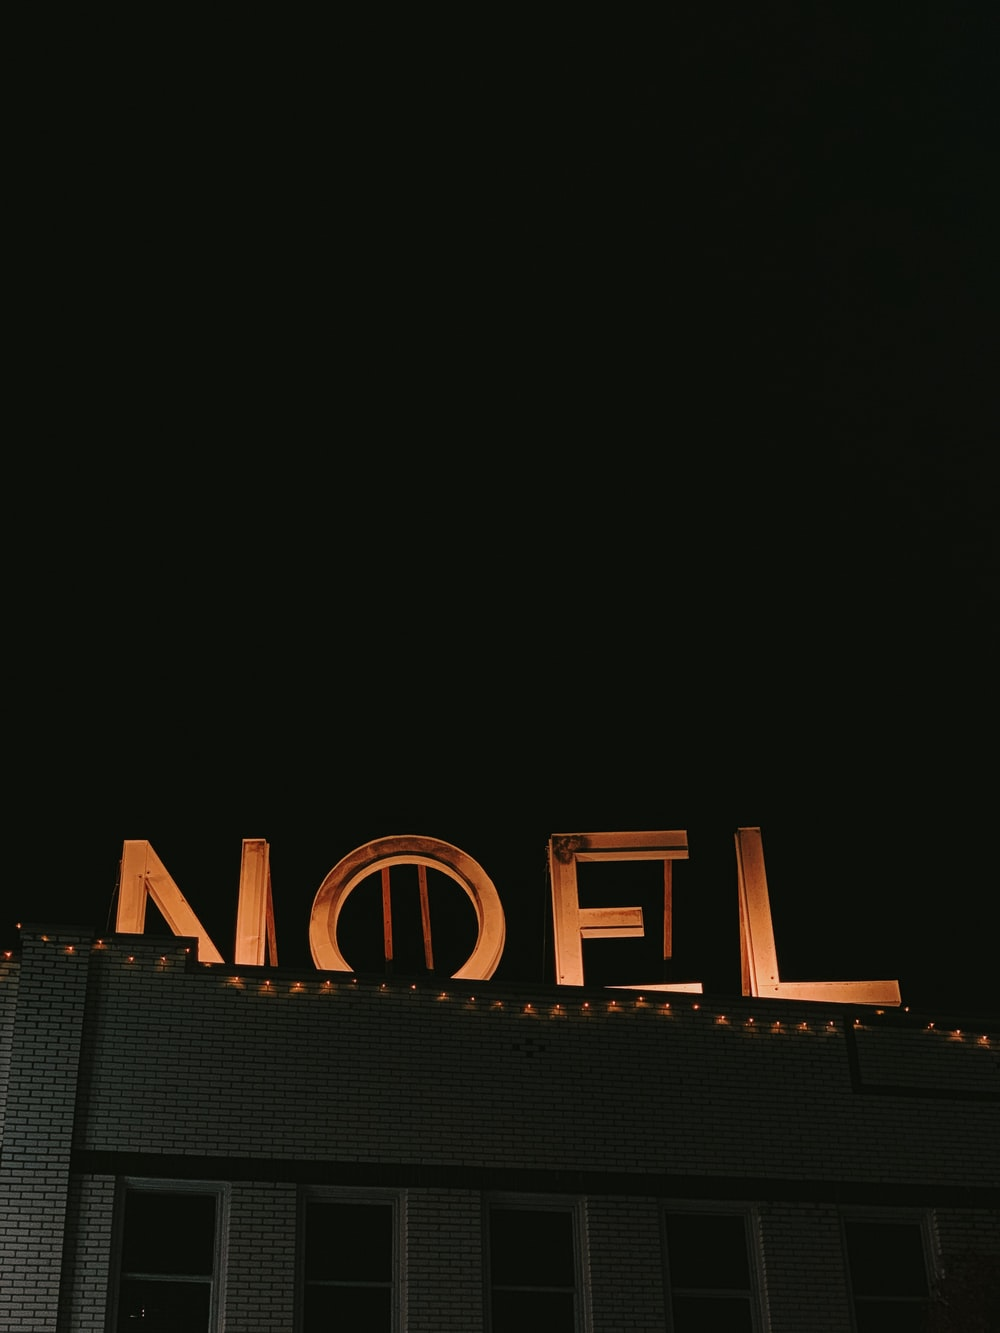 turned-on orange noel freestanding letters